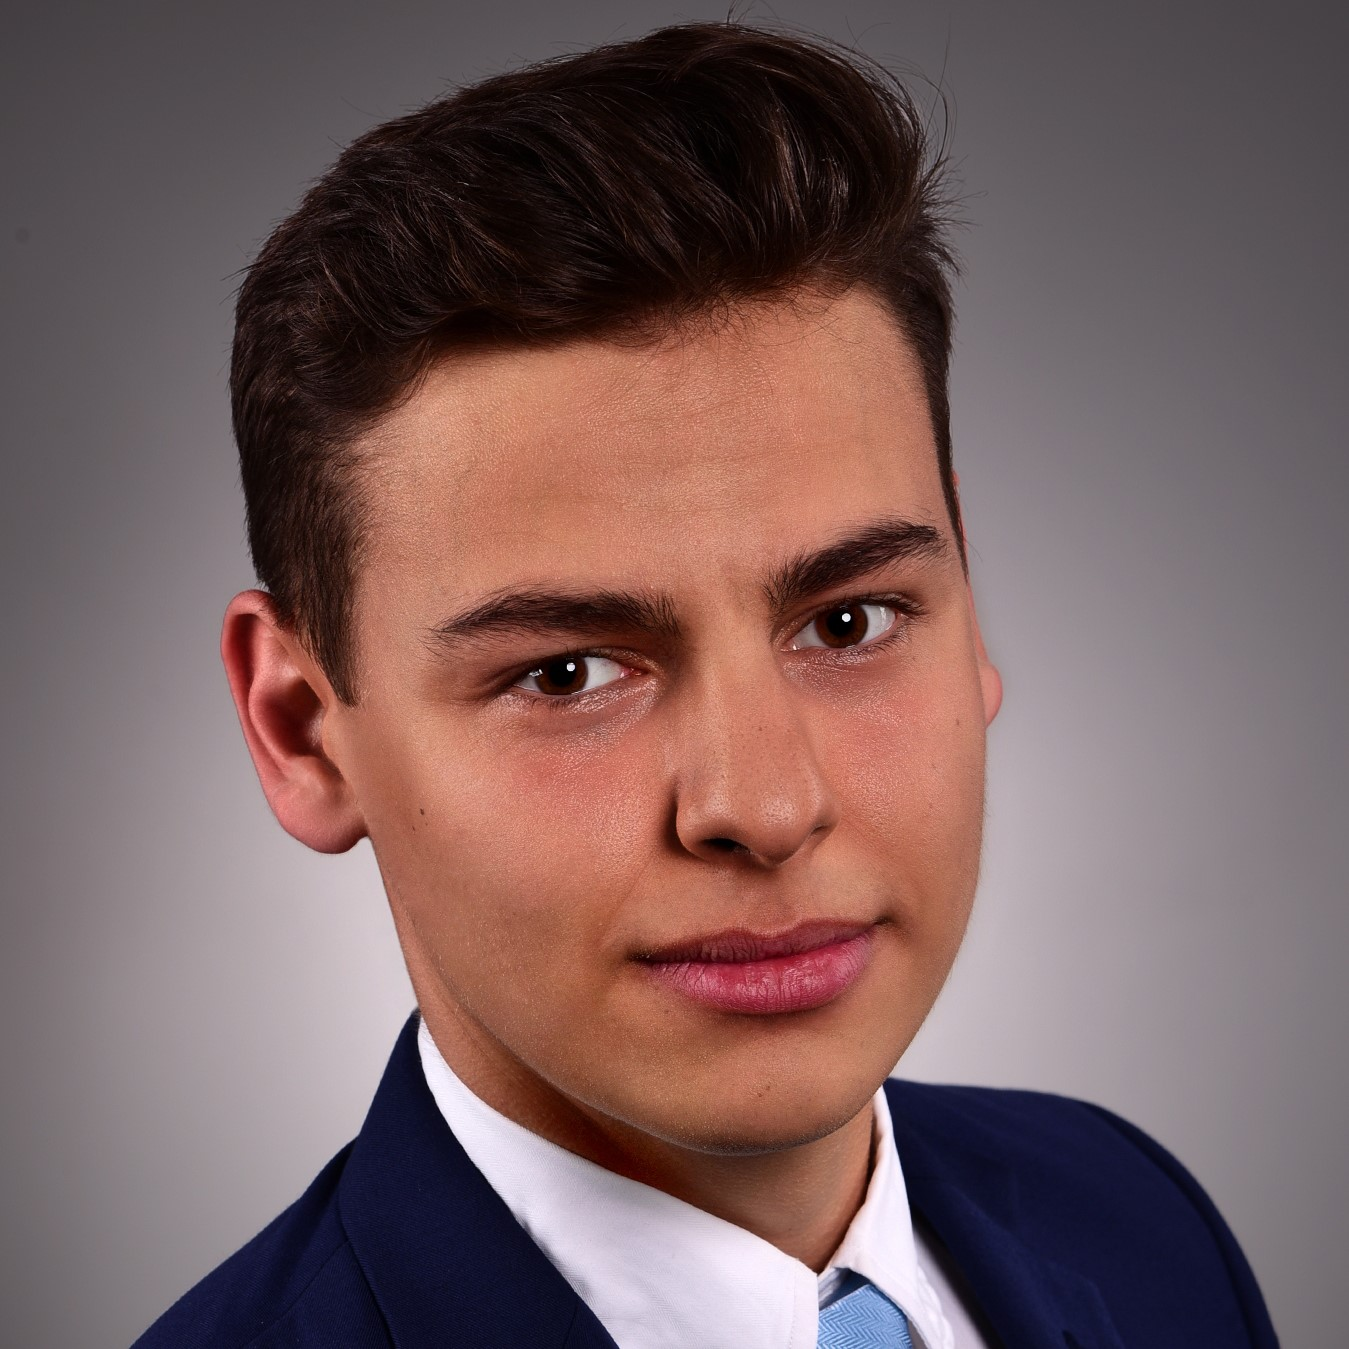 Daniel Weinhold